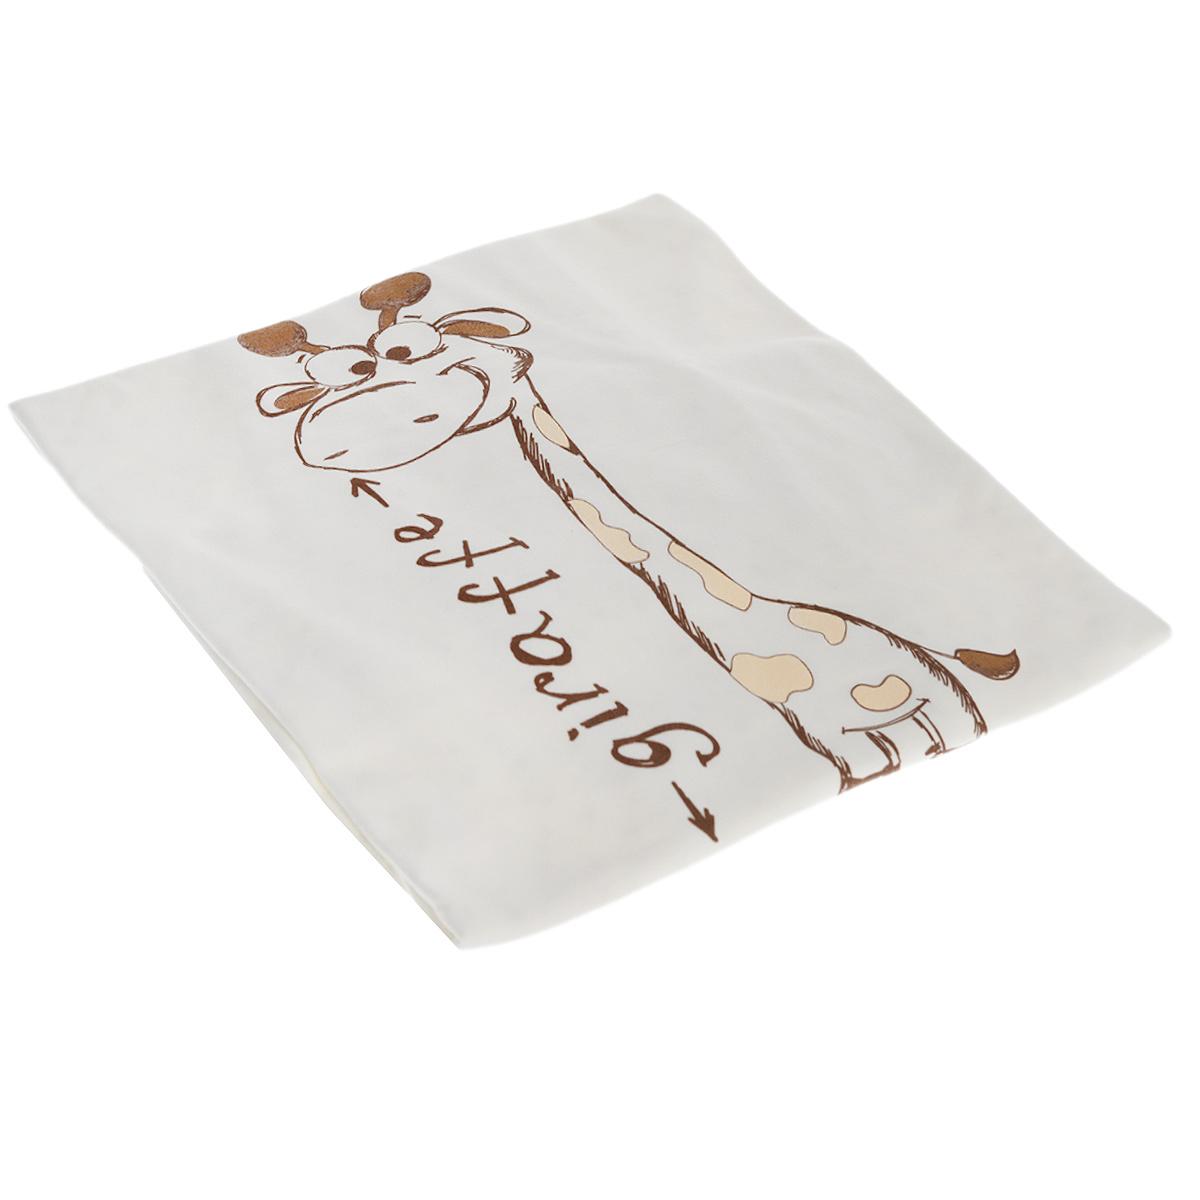 Плед детский Сонный гномик Жираф, цвет: светло-бежевый, 90 см х 90 см593/4Очаровательный детский плед Сонный гномик Жираф без утеплителя выполнен из 100% хлопка. Плед, оформленный крупным изображением забавного жирафа, идеально подойдет жарким летом.Благодаря размерам и практичному материалу плед очень удобен в использовании. Детский плед Сонный гномик Жираф - лучший выбор родителей, которые хотят подарить ребенку ощущение комфорта и надежности уже с первых дней жизни.